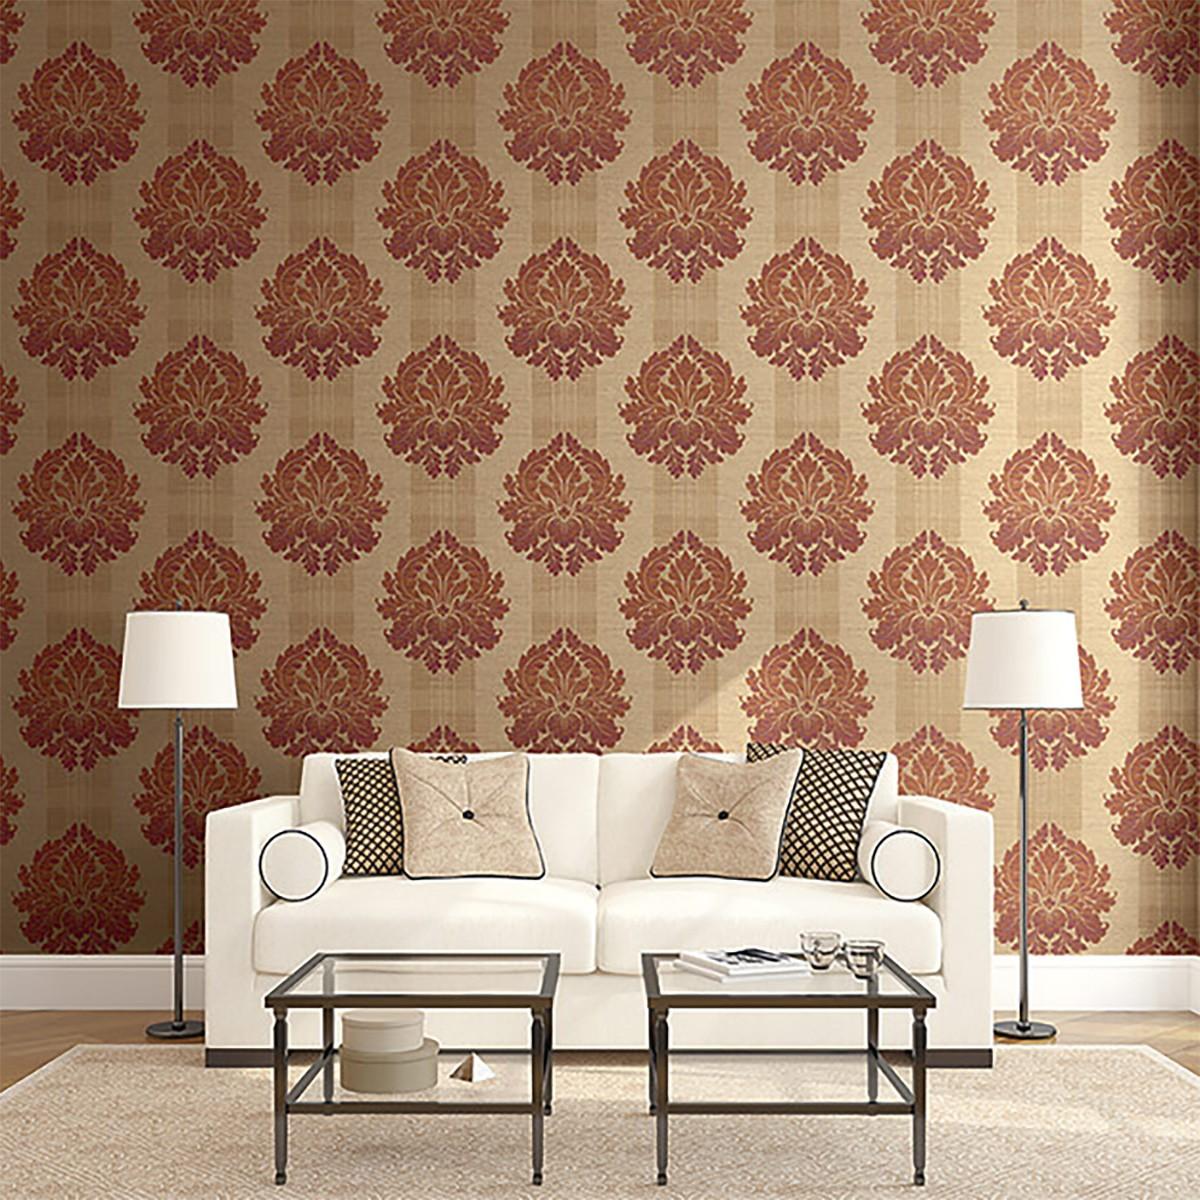 بالصور اشكال ورق جدران , اخفاء عيوب الجدران واطلالات عصرية من خلال ورق الحائط 1466 3